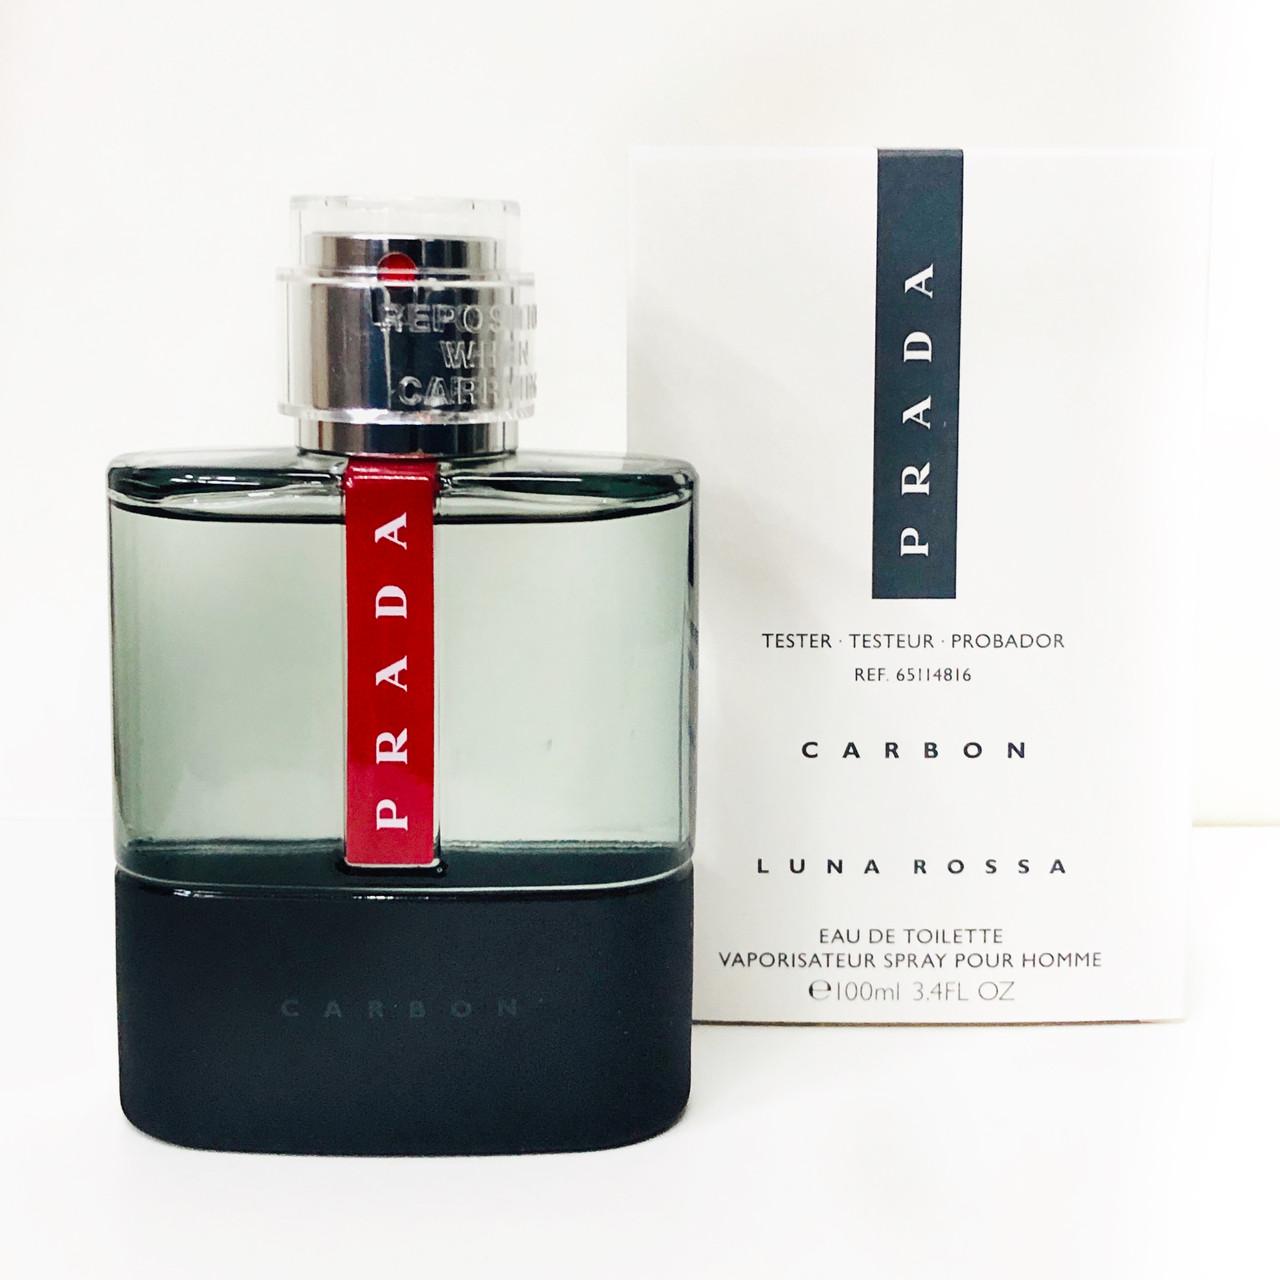 Элитные мужские духи PRADA Luna Rossa Carbon 100ml ТЕСТЕР туалетная вода, свежий пряный амбровый аромат